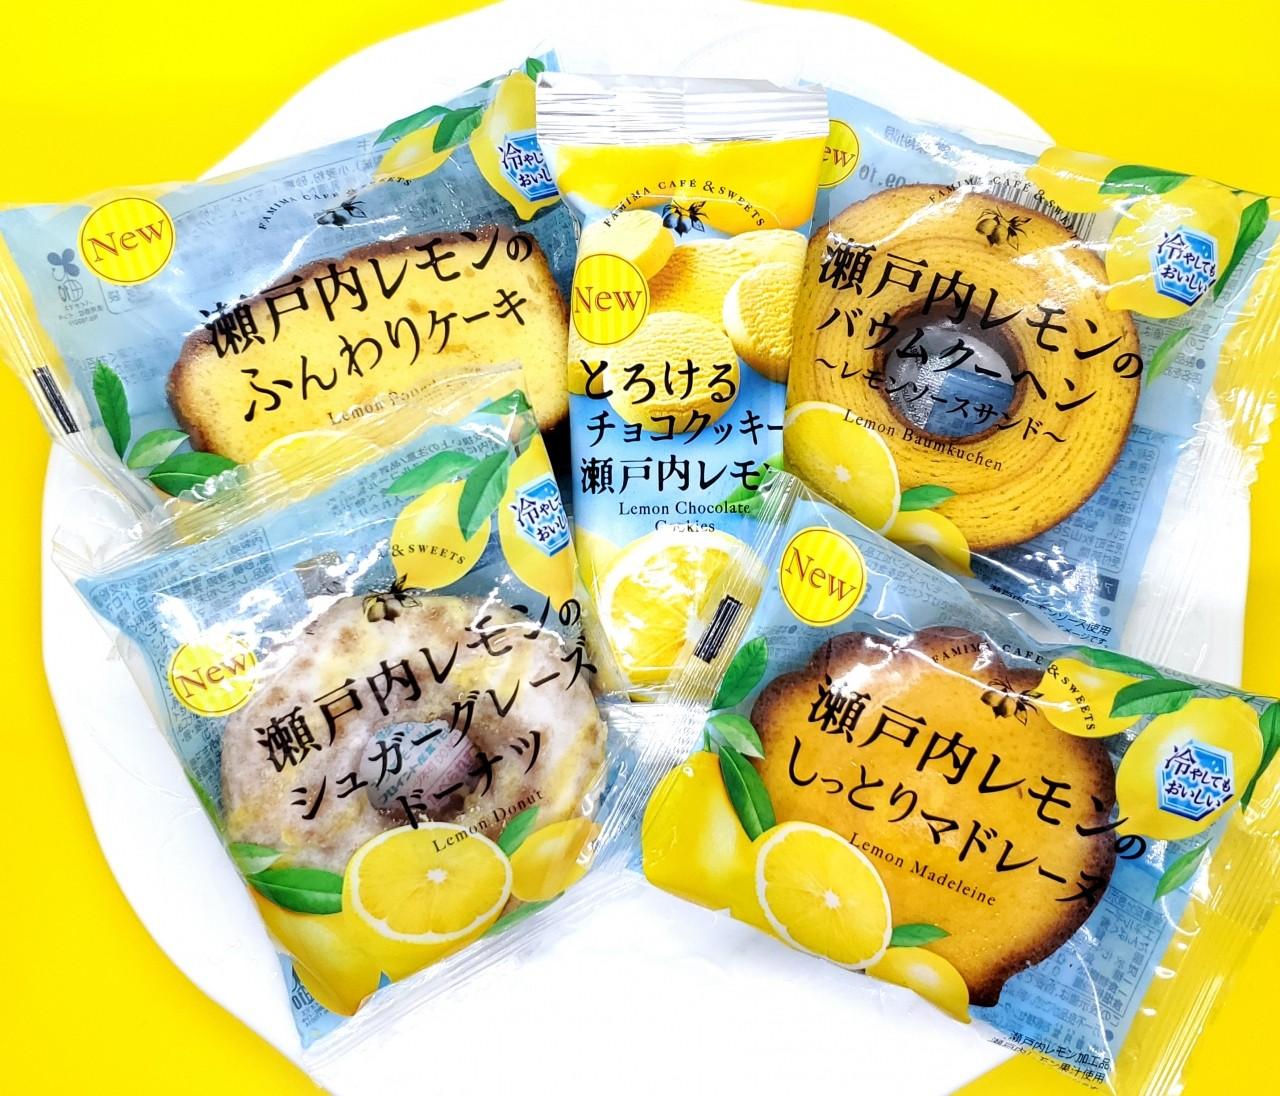 【ファミマ新作】爽やかな美味しさ♪瀬戸内レモンの焼き菓子5種類を実食レビュー!